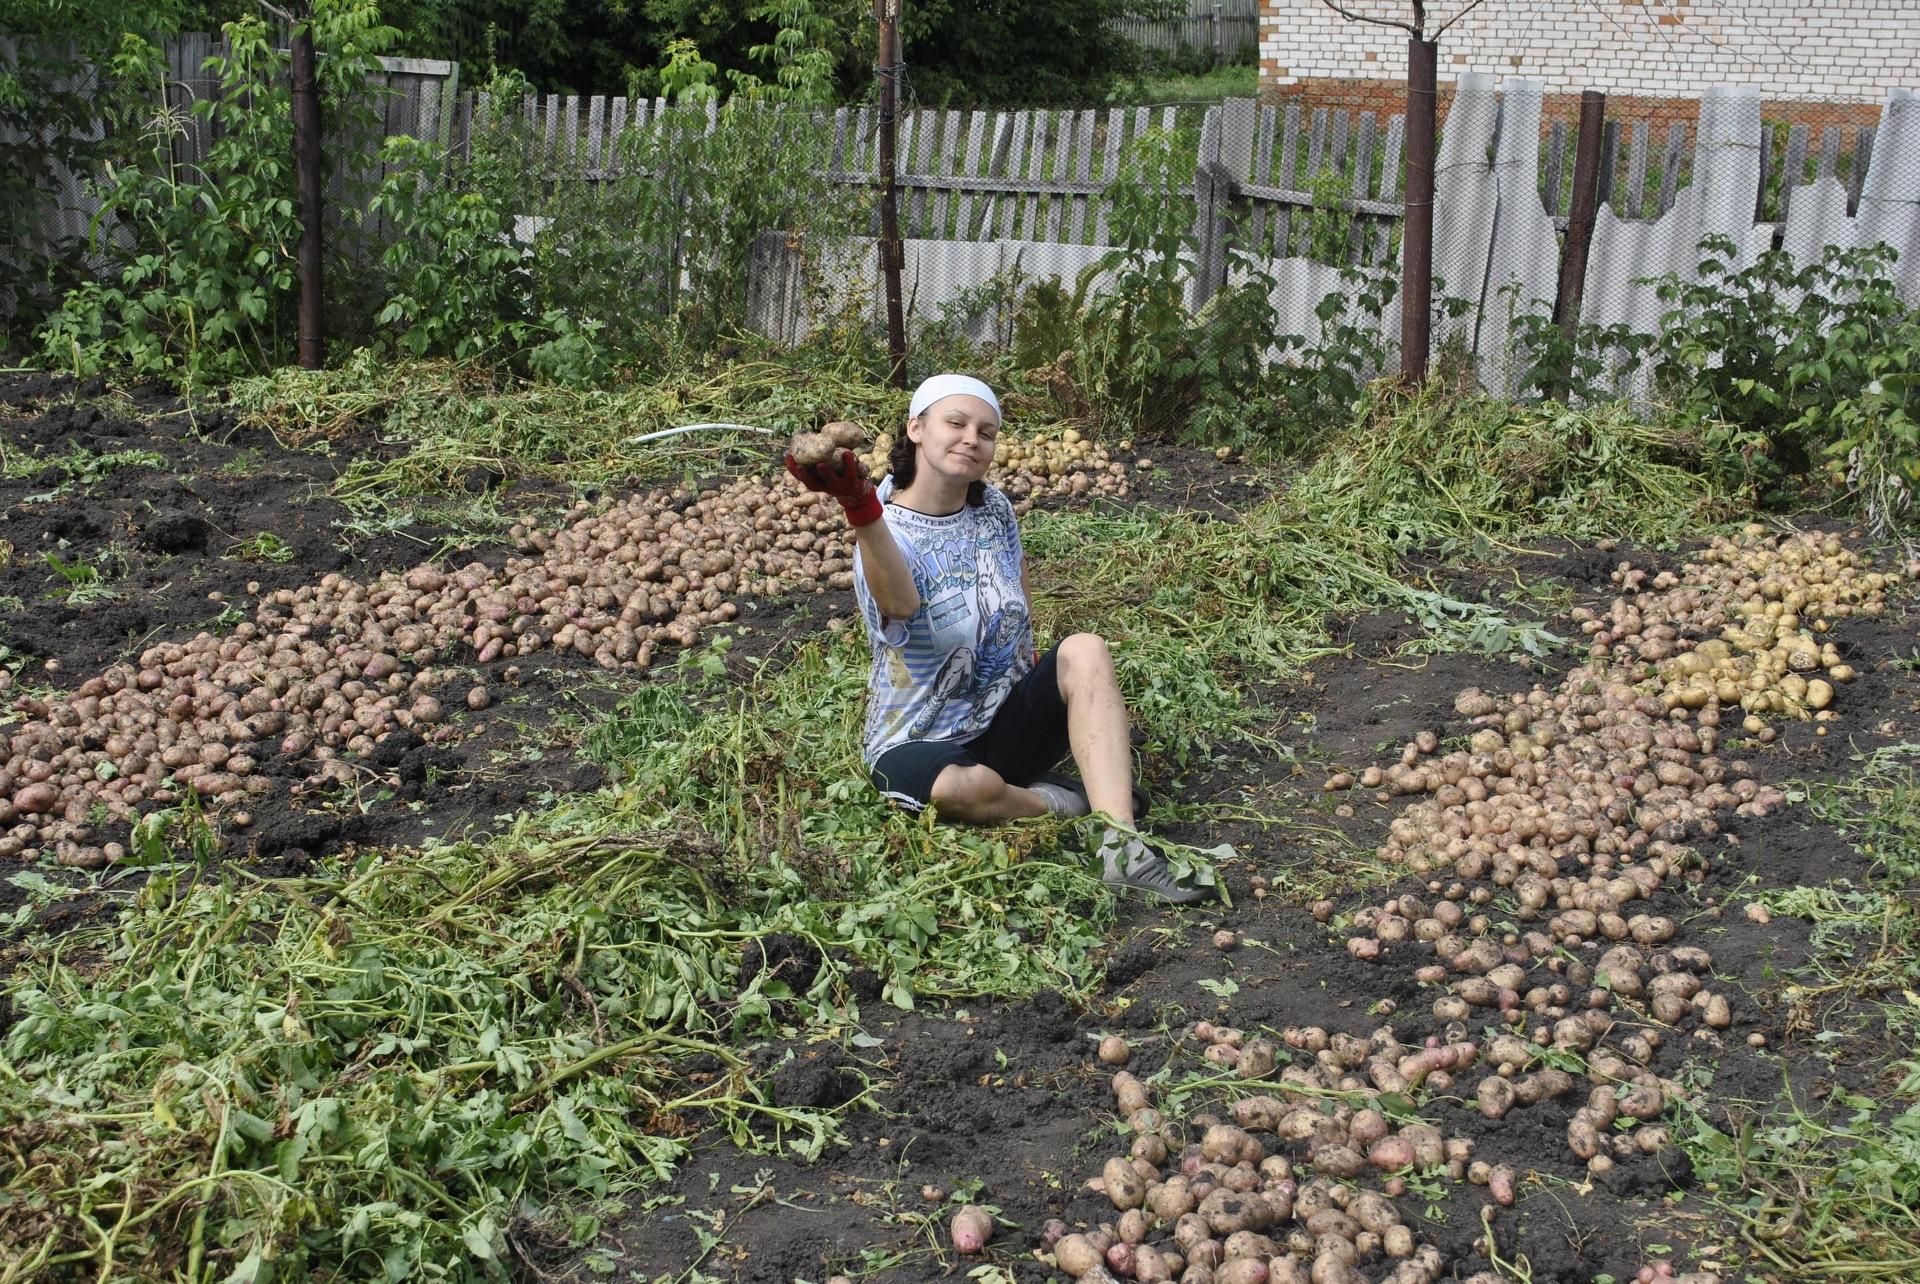 Правильная посадка и уход за картофелем в открытом грунте